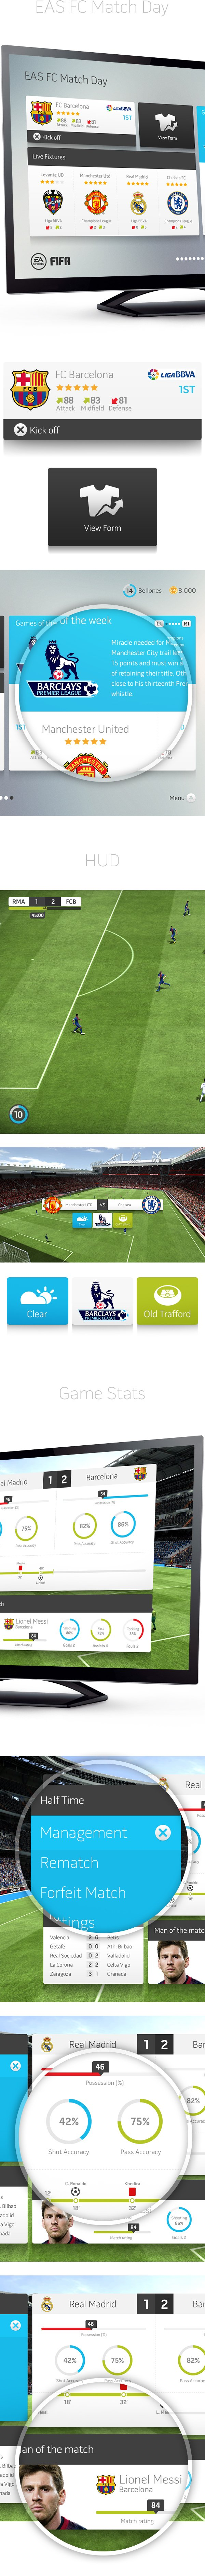 В сети появился дизайнерский прототип интерфейса FIFA - Изображение 5